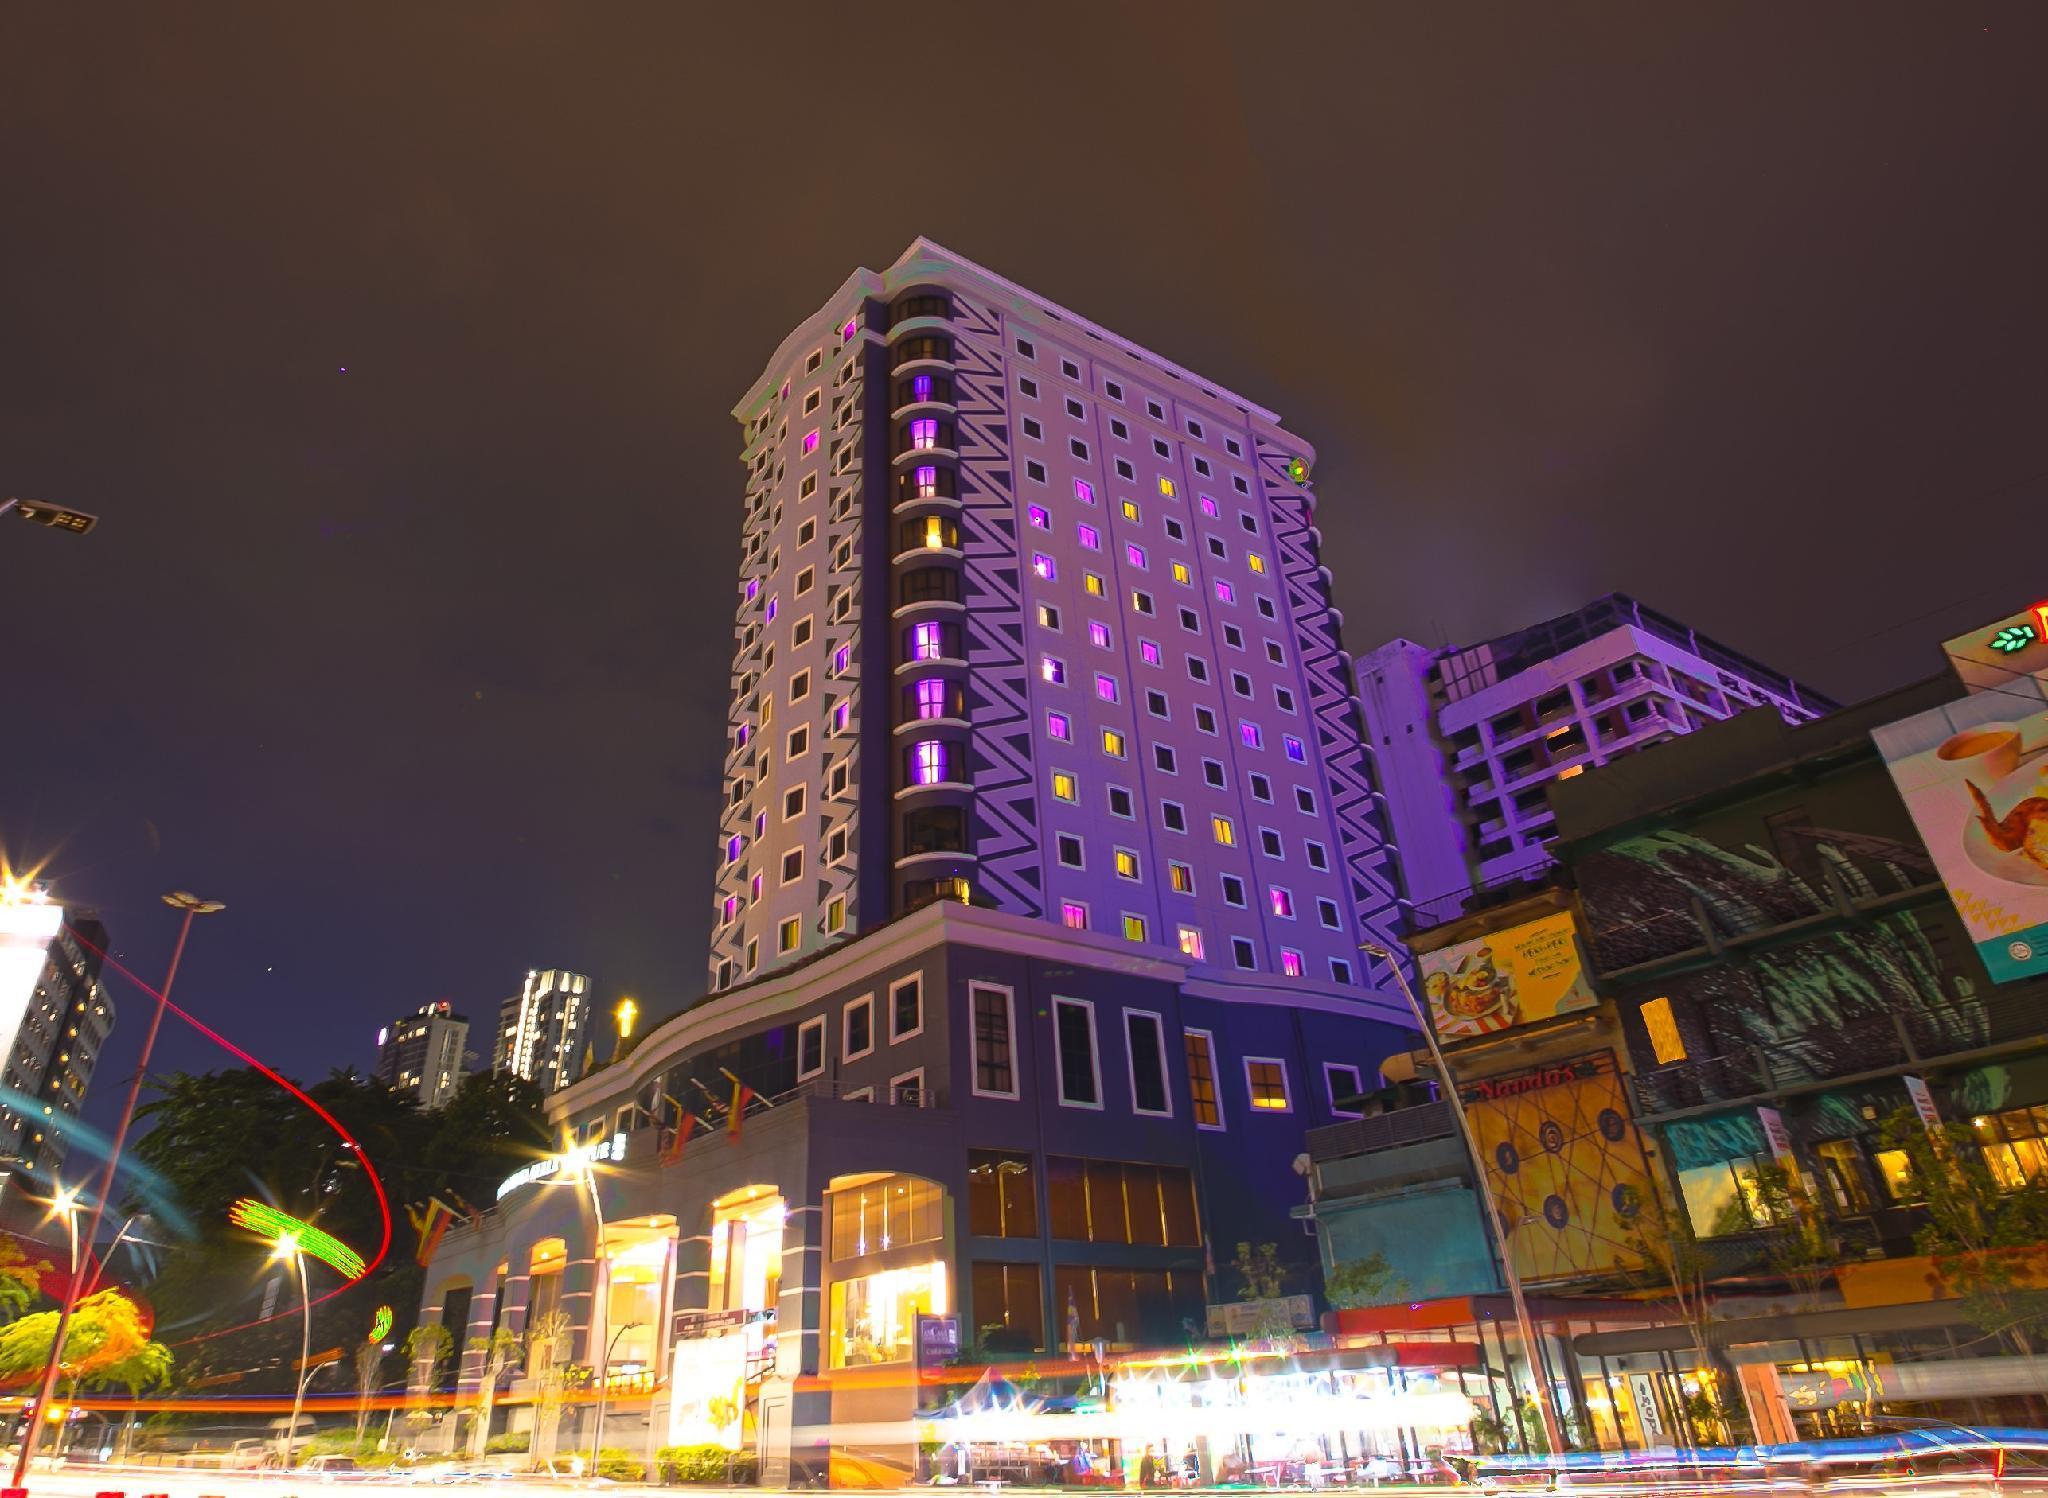 AnCasa Hotel Kuala Lumpur By Ancasa Hotels And Resorts